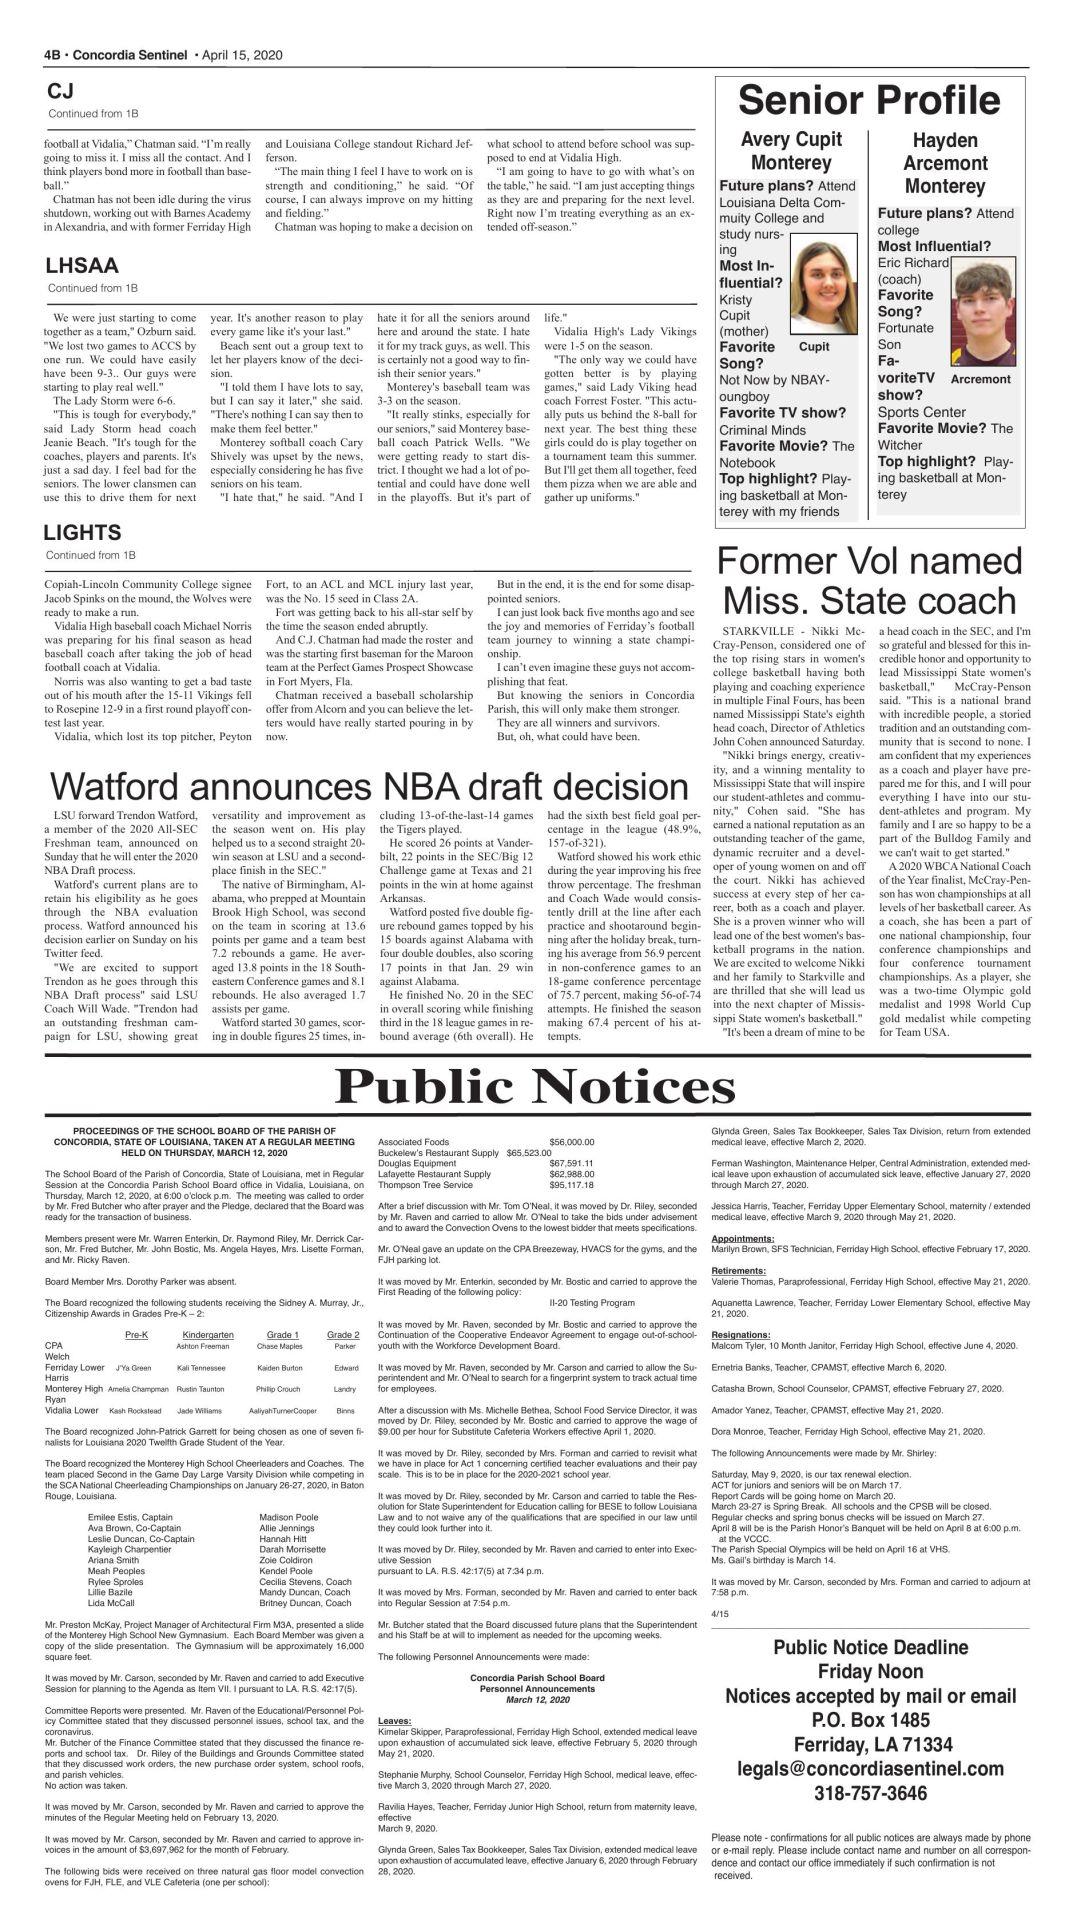 Public Notices - April 15, 2020